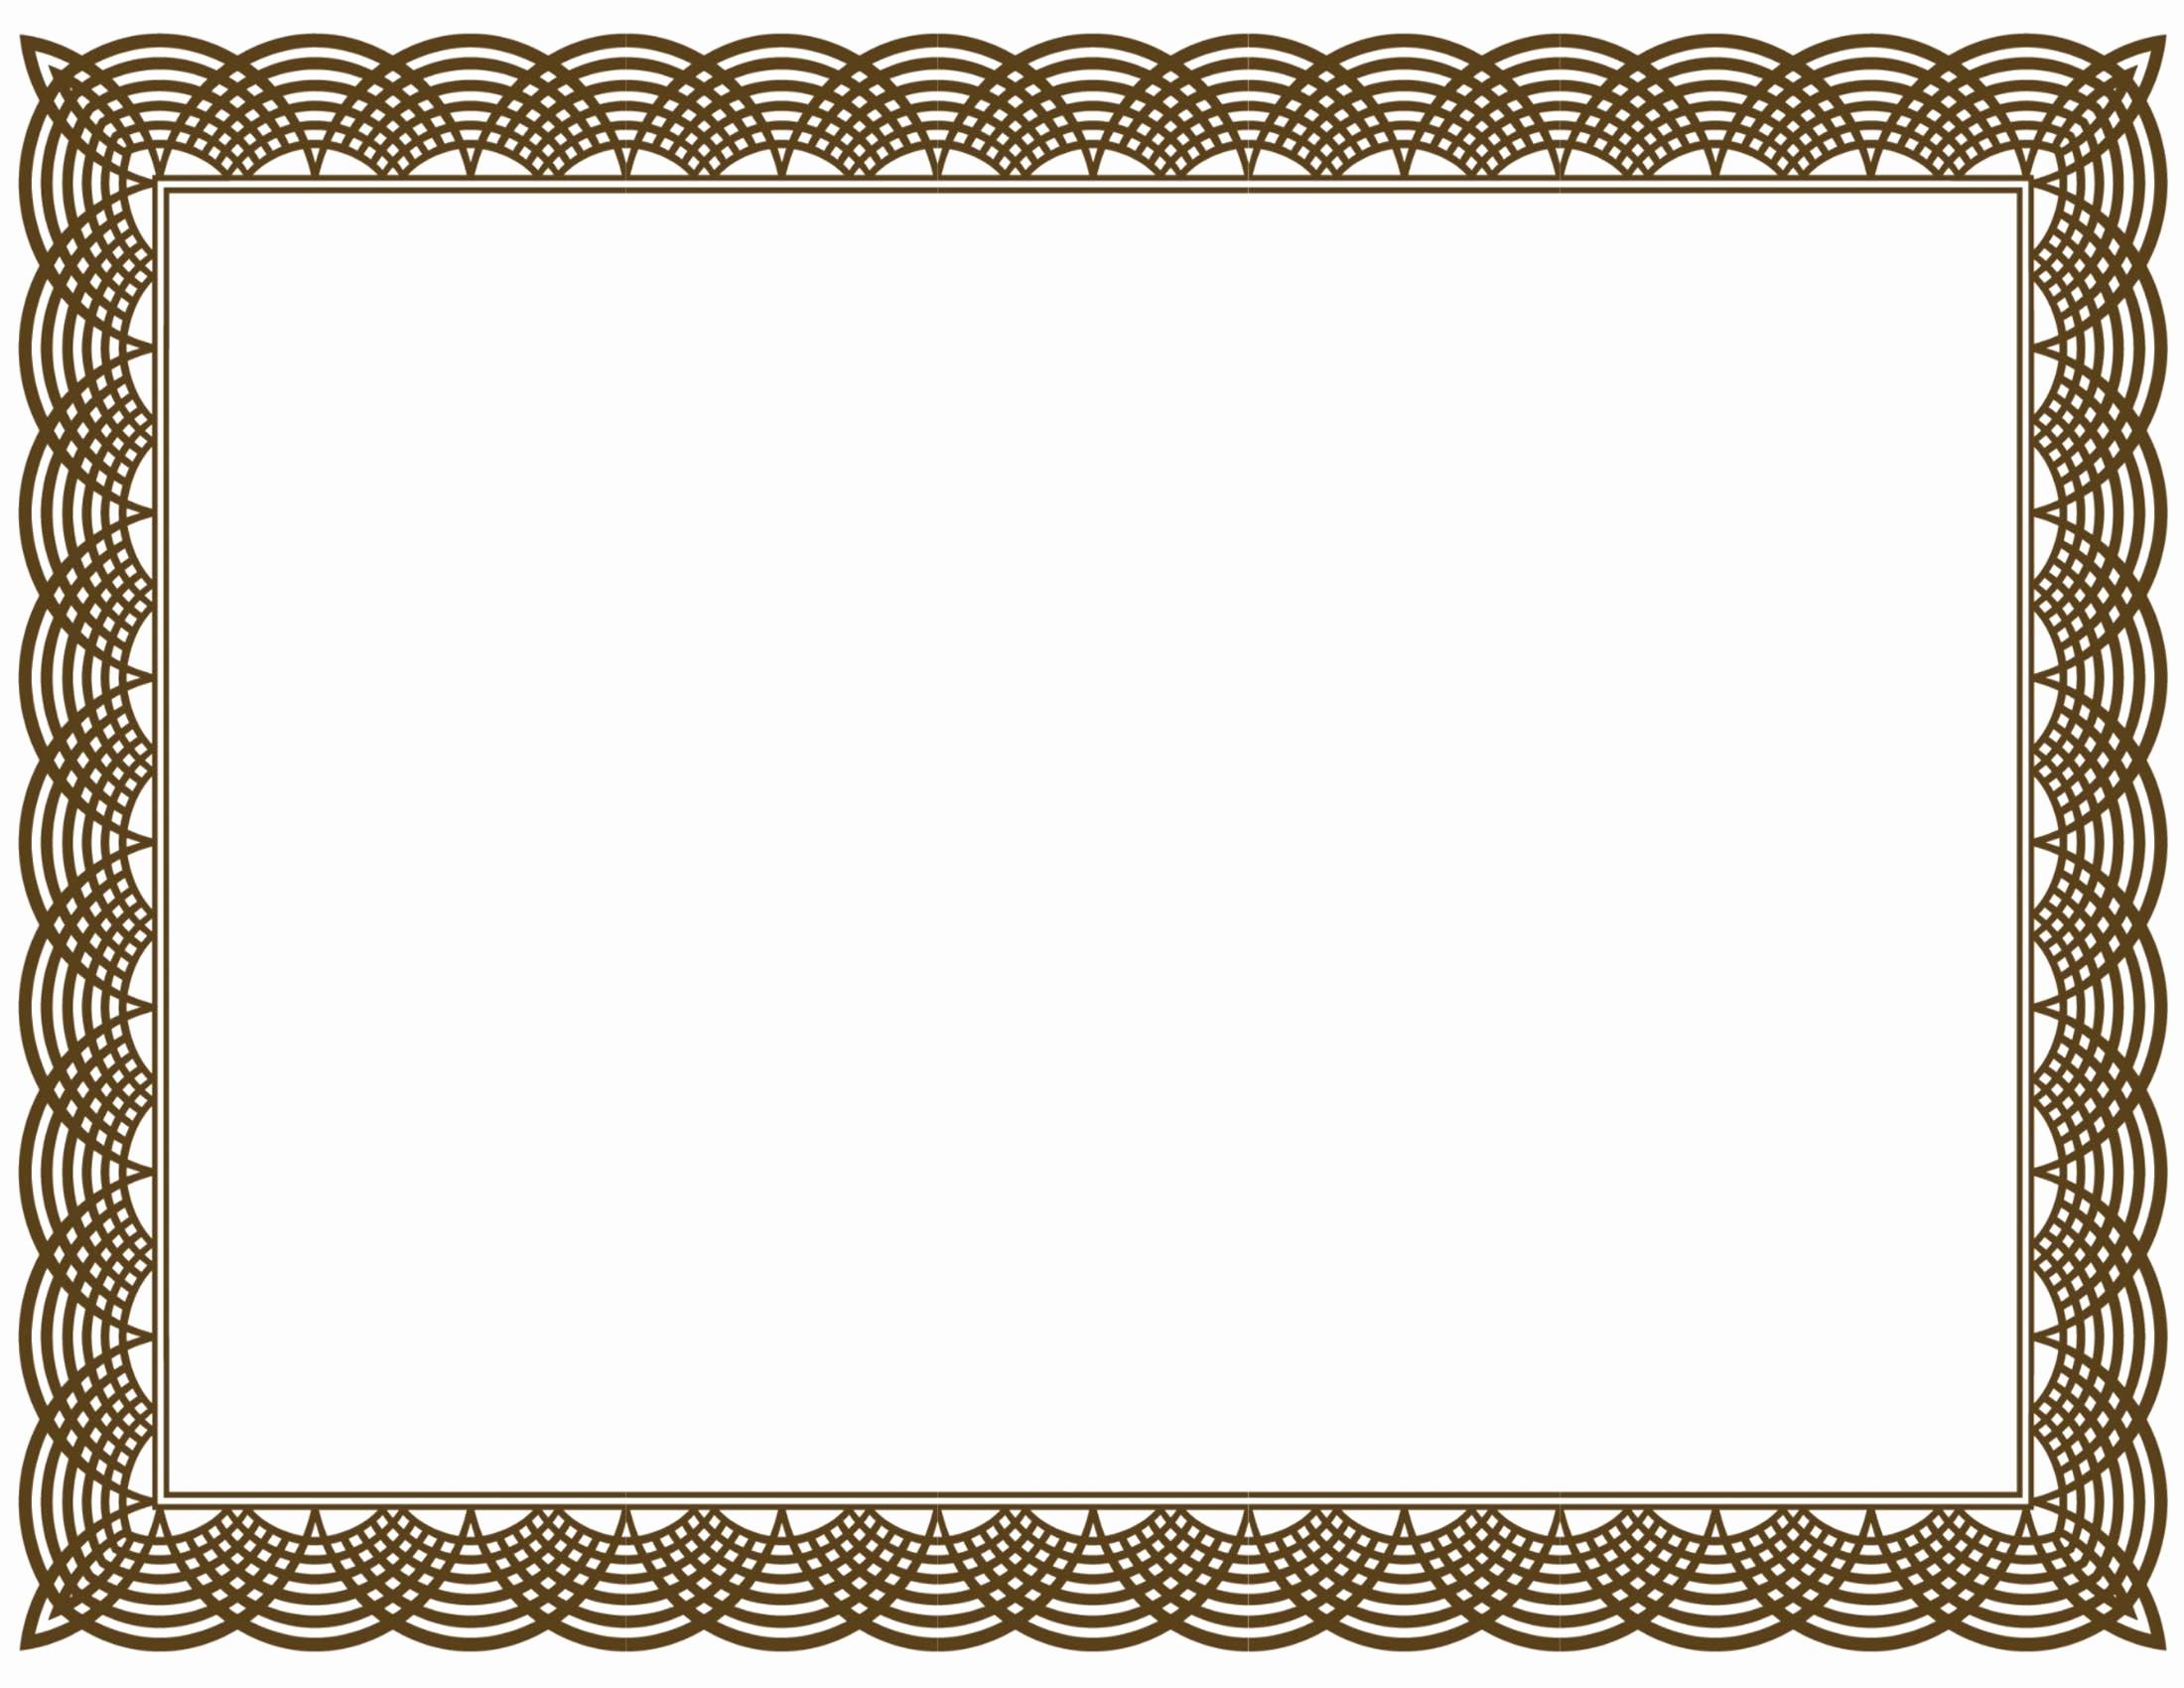 Certificate Border Design Free Download Unique 5 New Certificate Border Templates